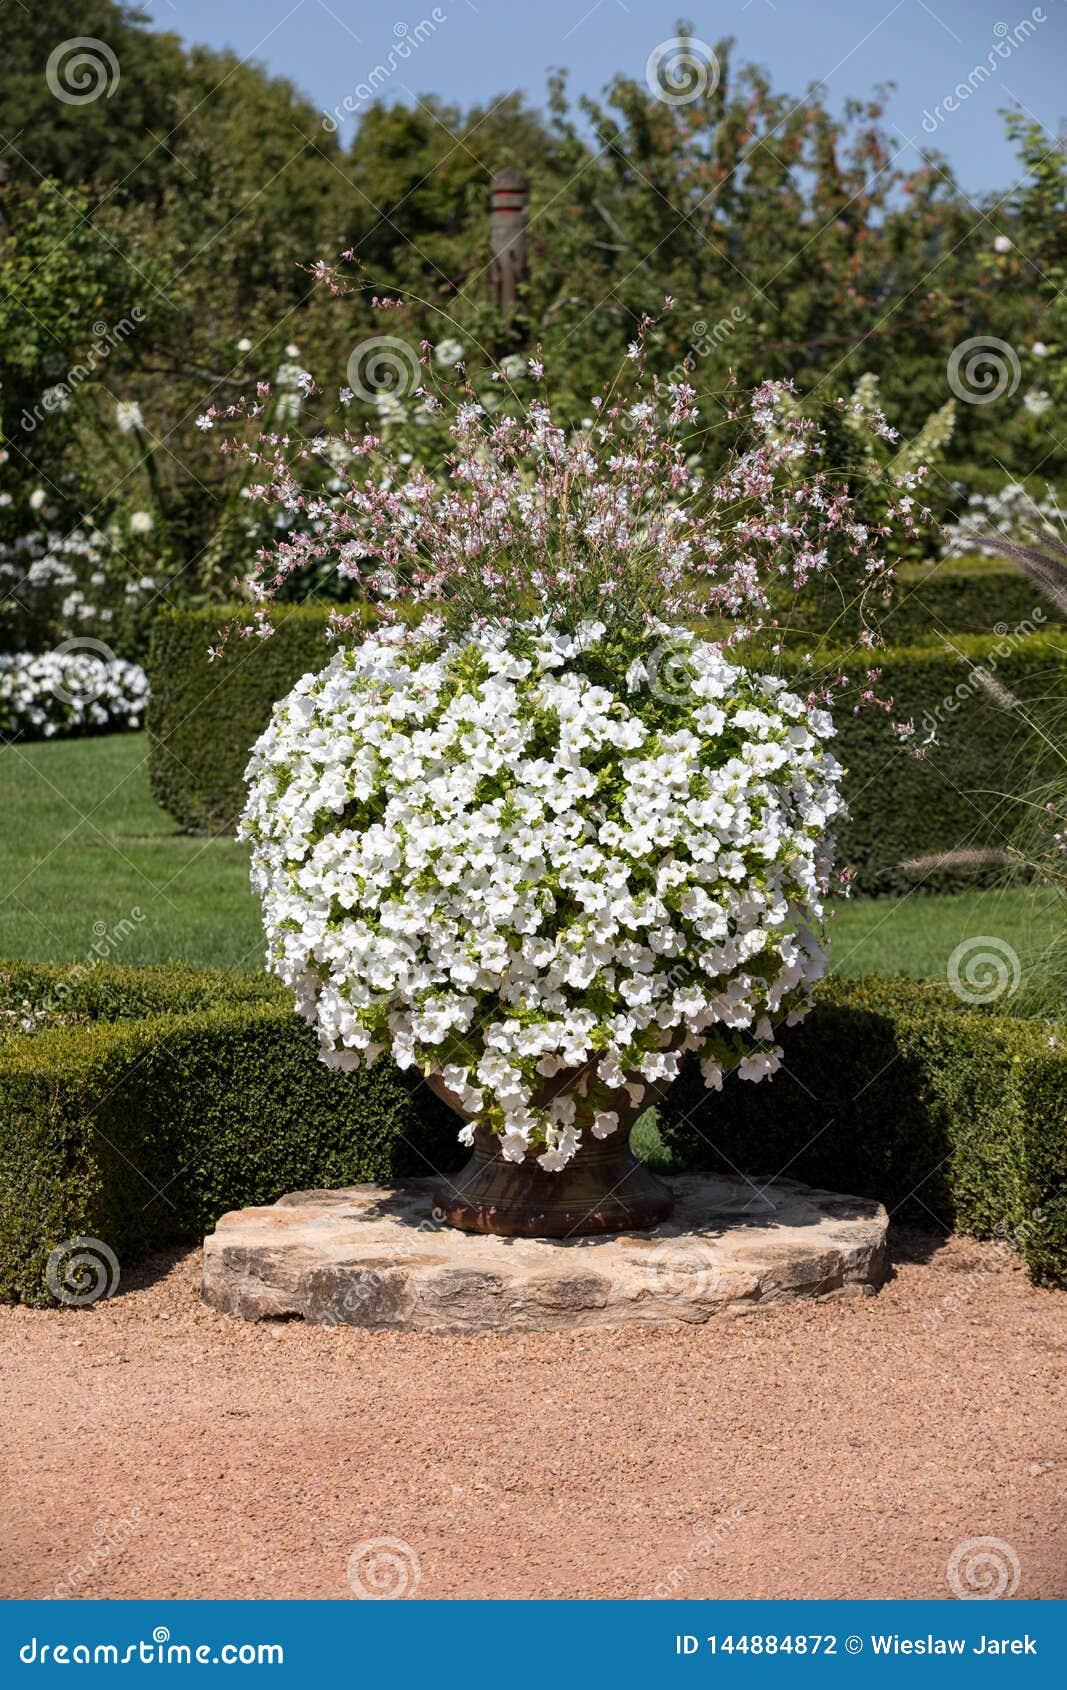 White garden in the picturesque Jardins du Manoir d Eyrignac in Dordogne.